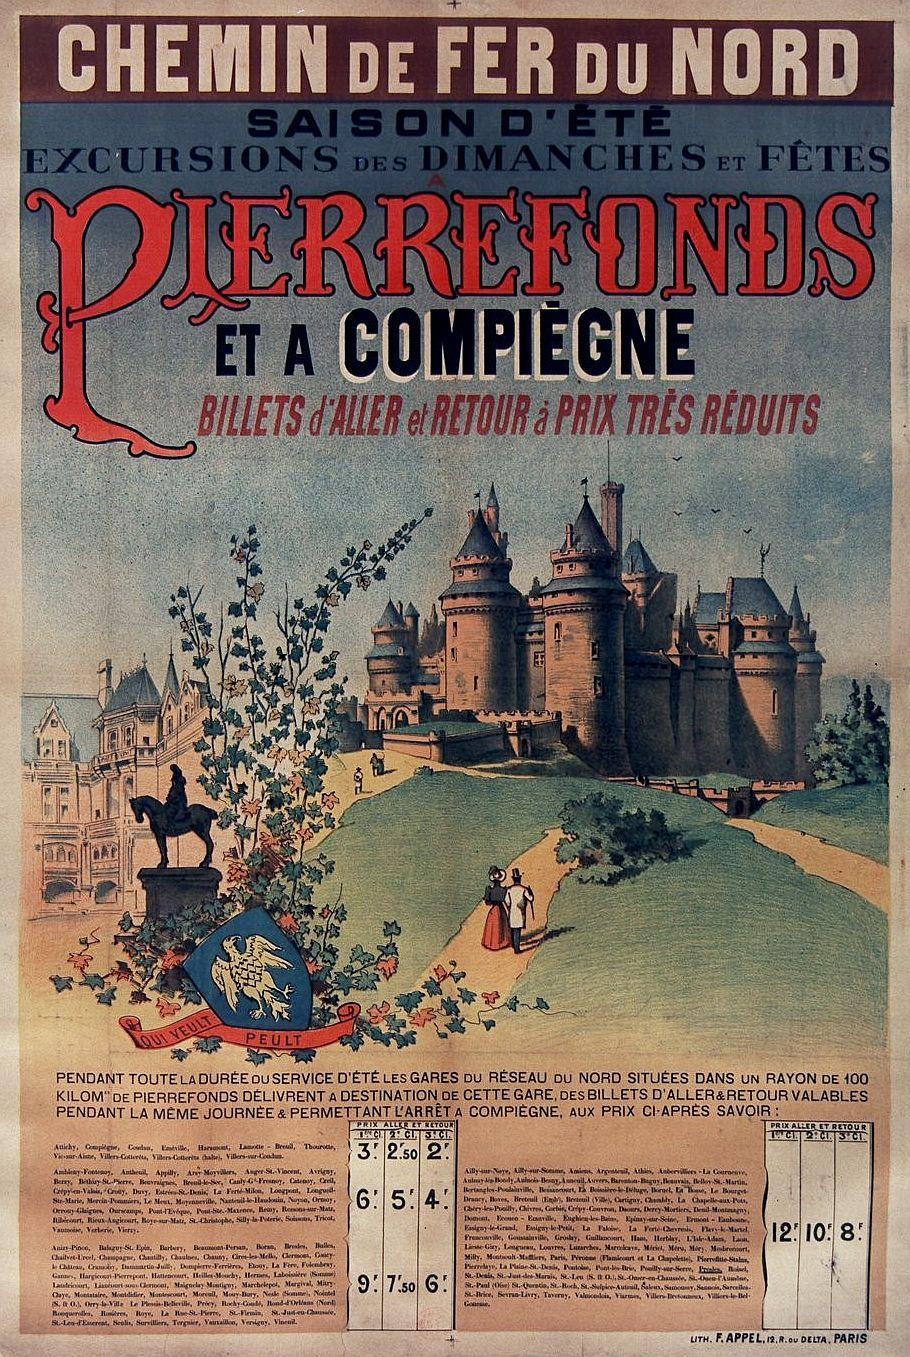 Non Identifie Pierrefonds Saison D Ete Compiegne Chemin De Fer Du Nord 1890 Affiche De Voyage Vintage Affiches De Voyage Retro Affiches De Voyage